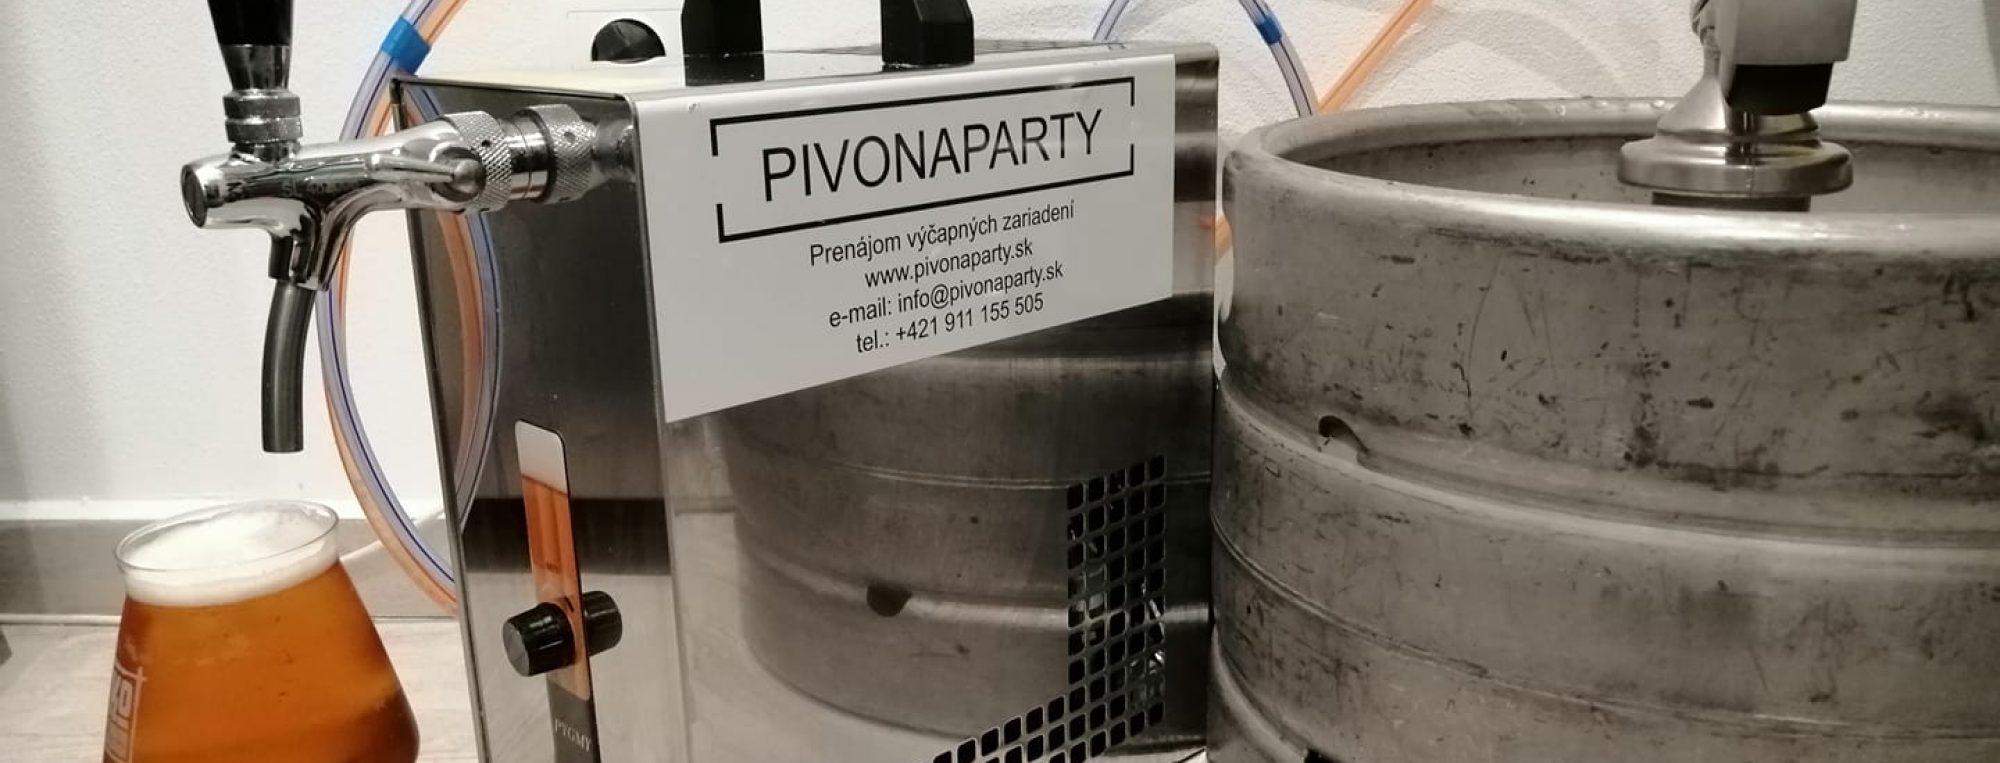 PIVONAPARTY